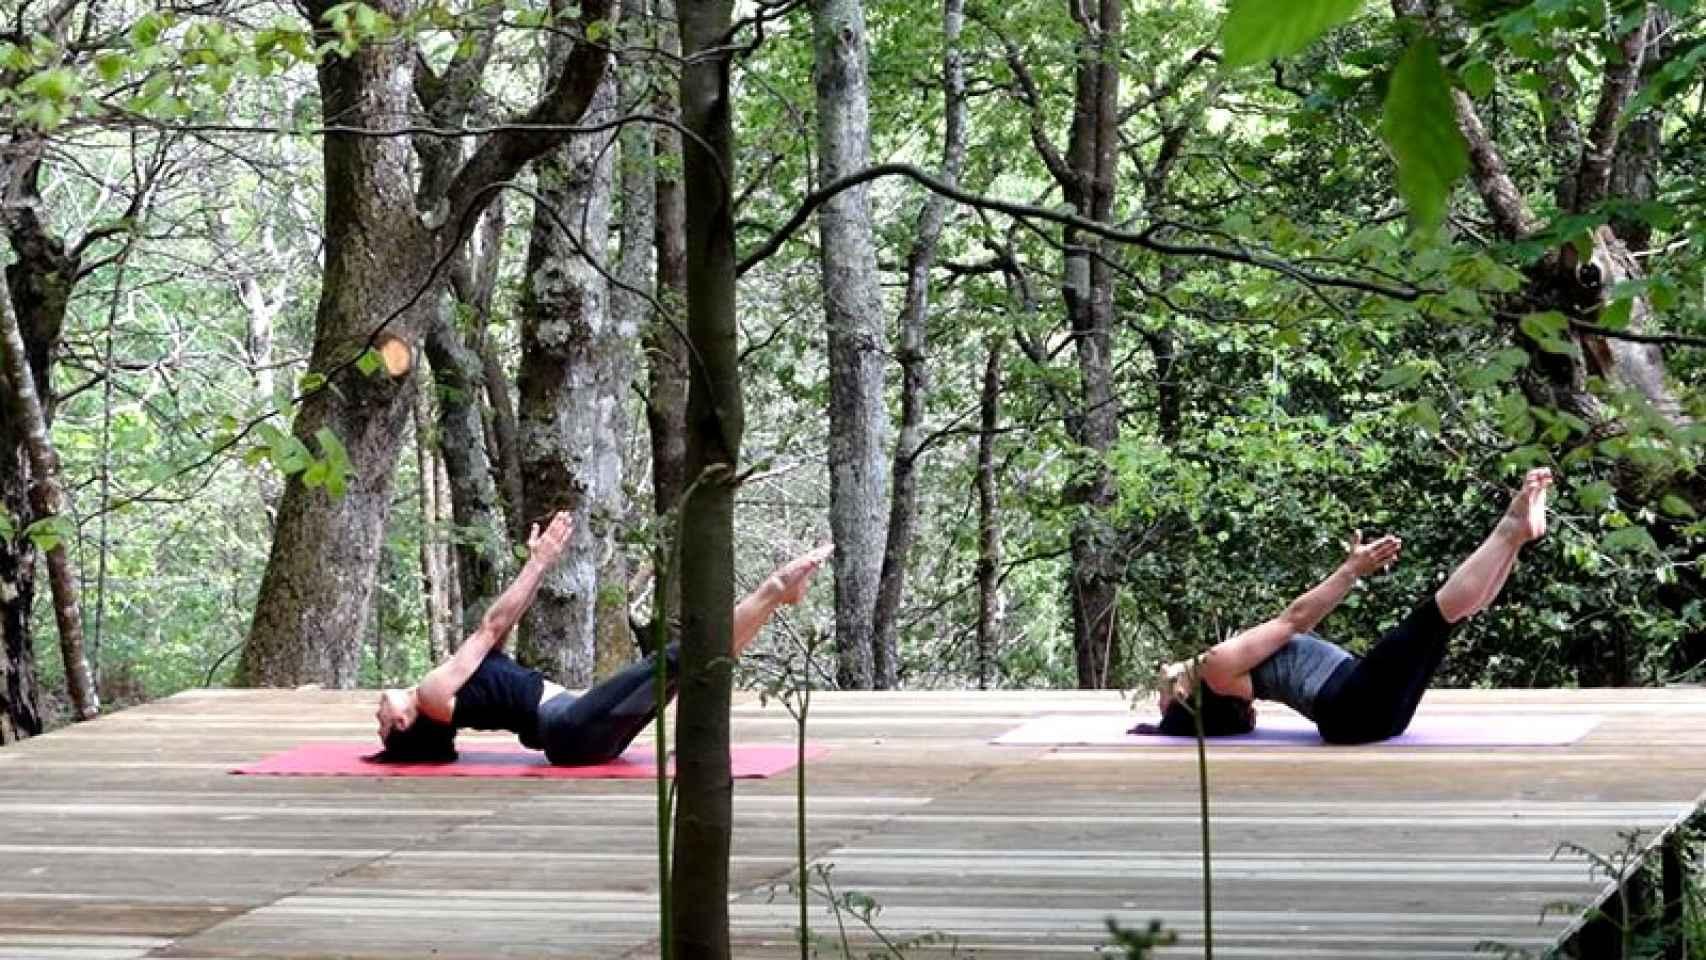 Clientes disfrutando de la naturaleza y el ejercicio en uno de los espacios del hotel.